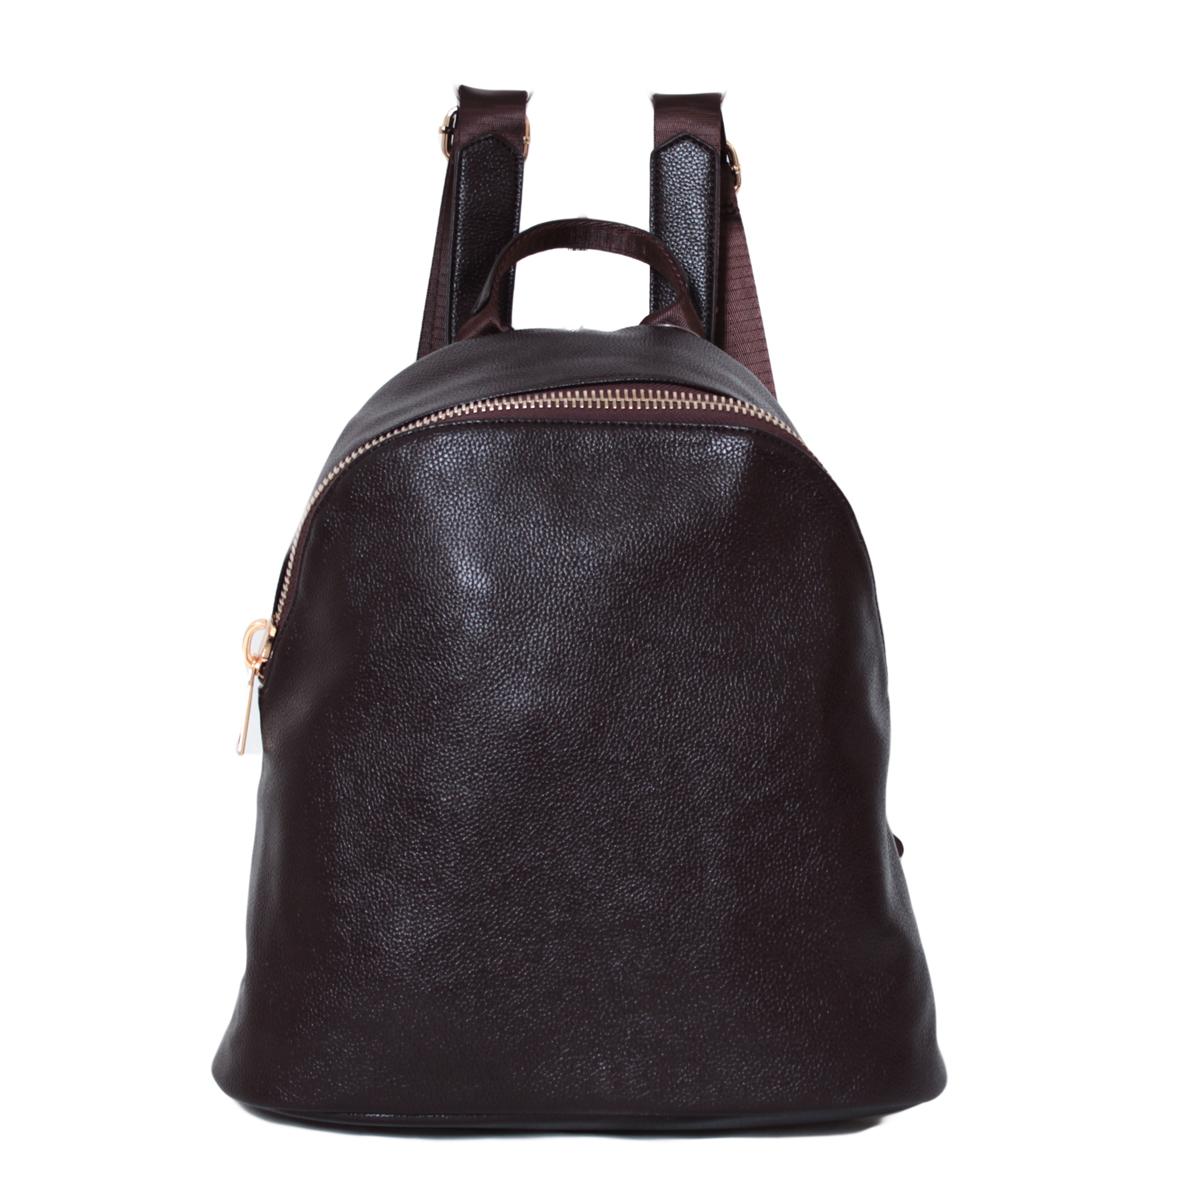 Рюкзак женский Flioraj, цвет: коричневый. 0005265400052654Закрывается на молнию. Внутри одно отделение, один карман на молнии, два открытых кармана. Снаружи один карман на молнии. Высота ручки - 8 см